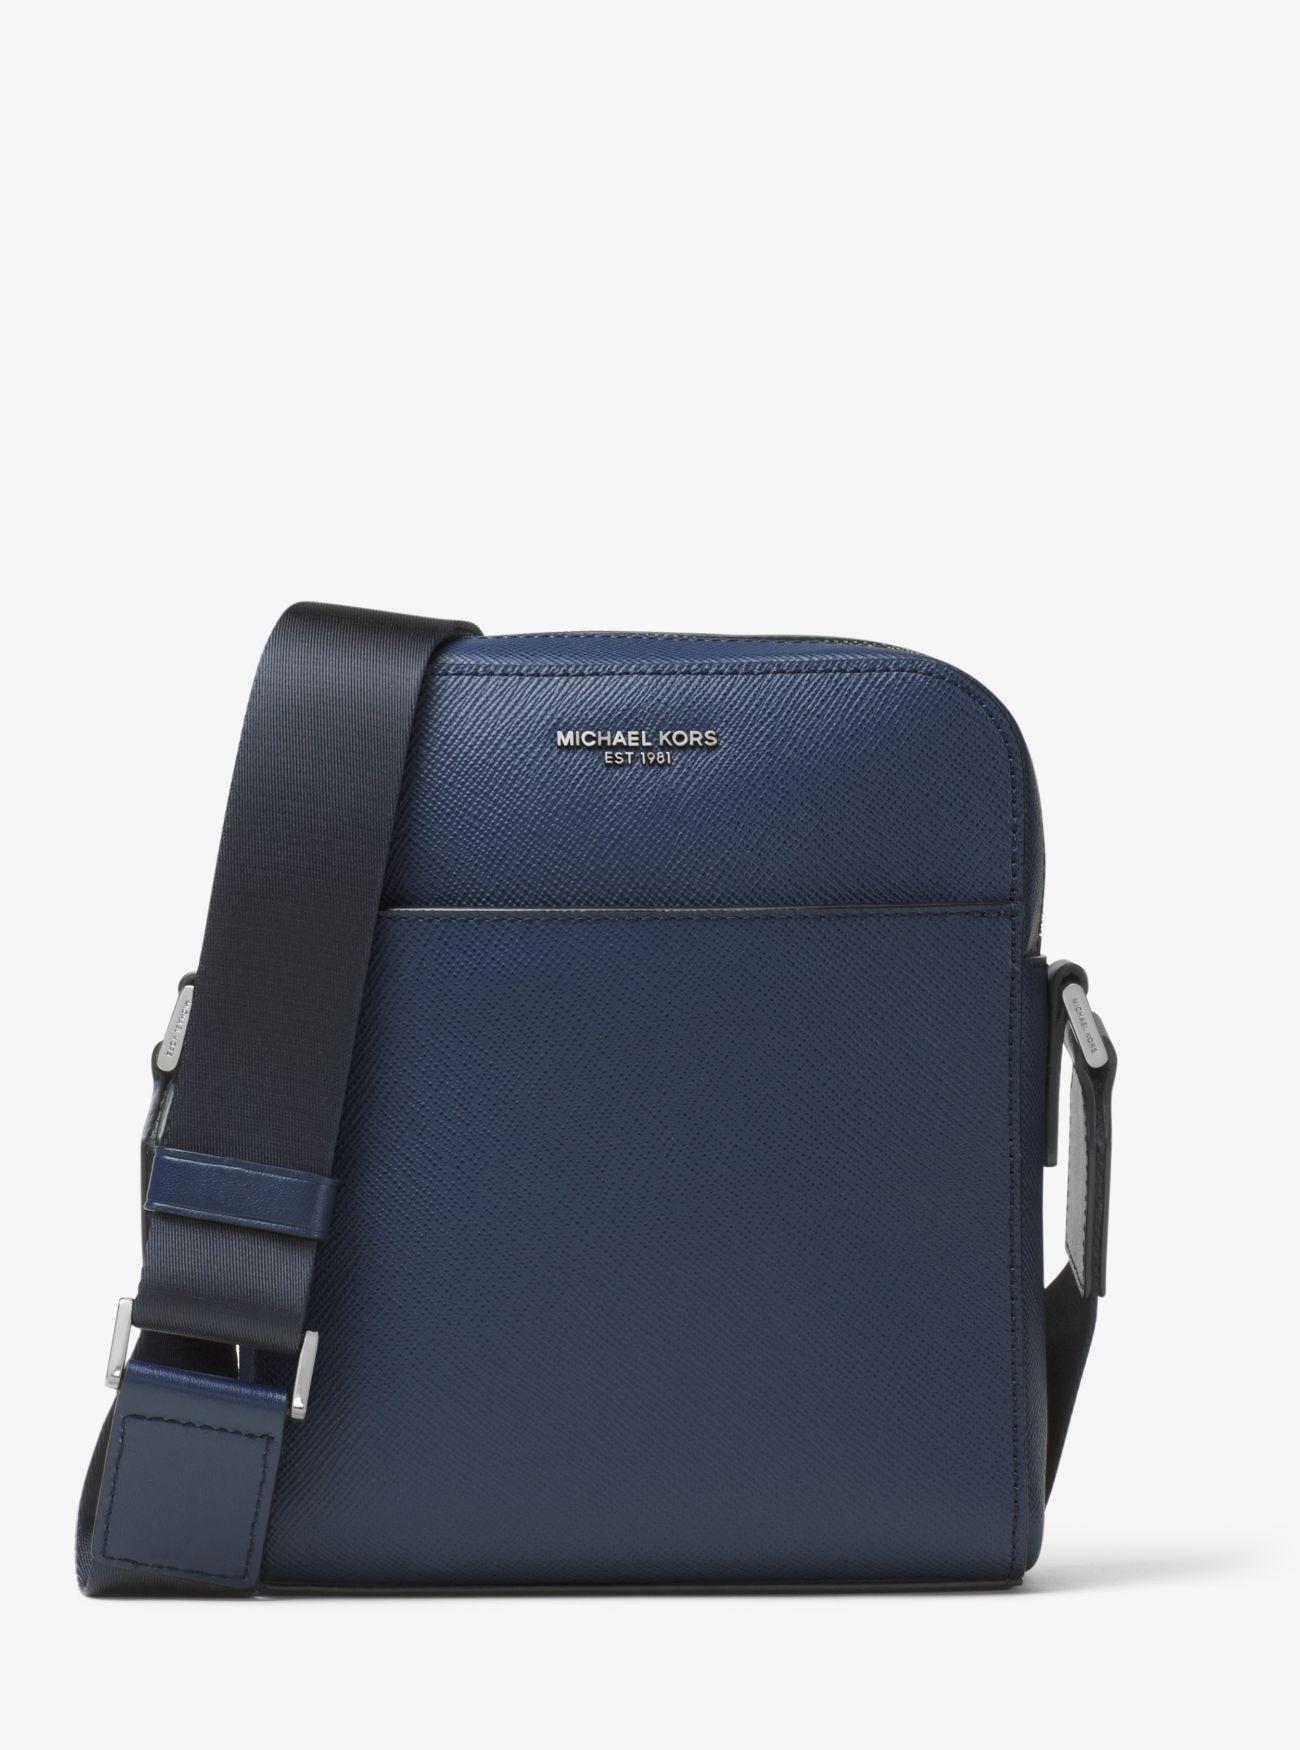 e698f6818ea89e Harrison Leather Flight Bag Harrison Leather Flight Bag Harrison Leather  Flight Bag. Michael Kors Mens